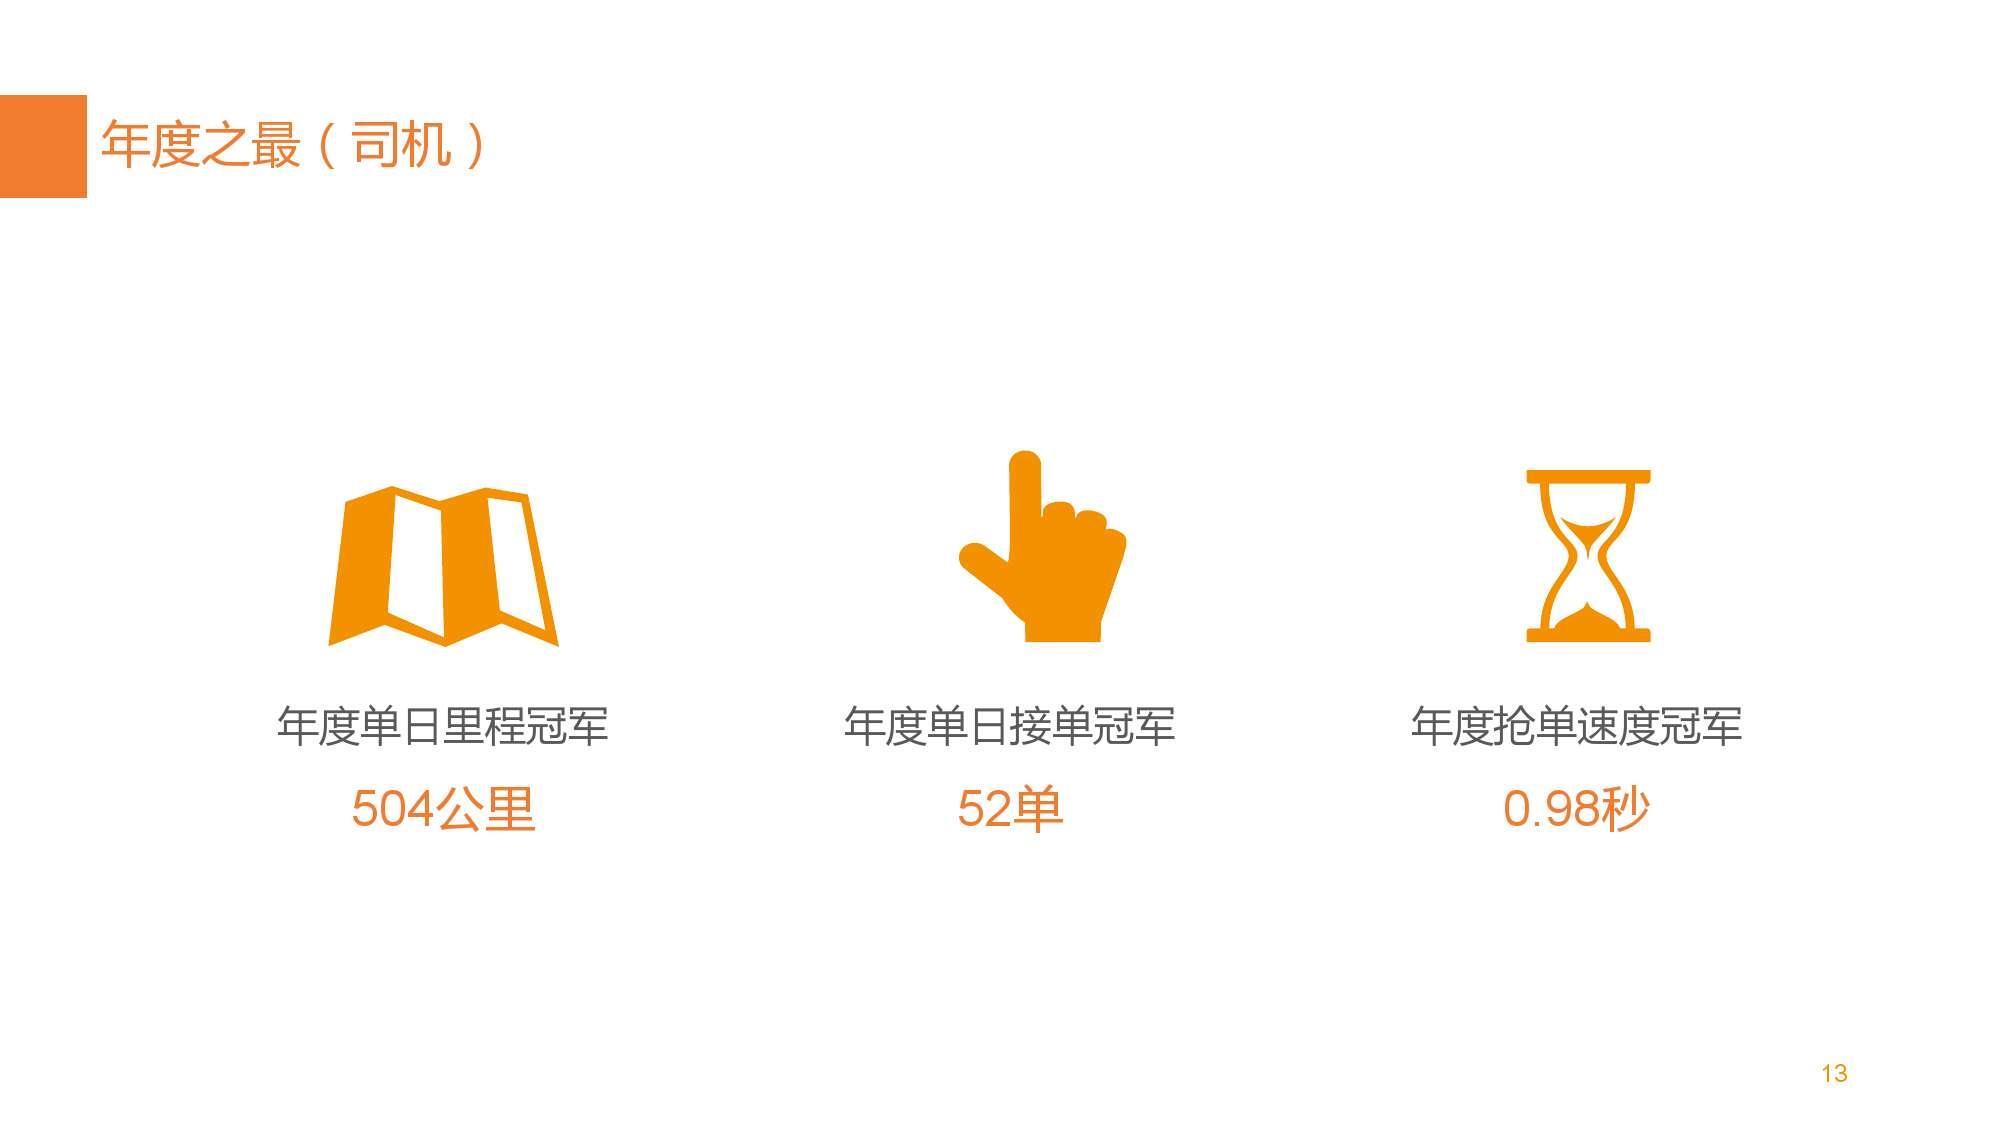 中国智能出行2015大数据报告_000013